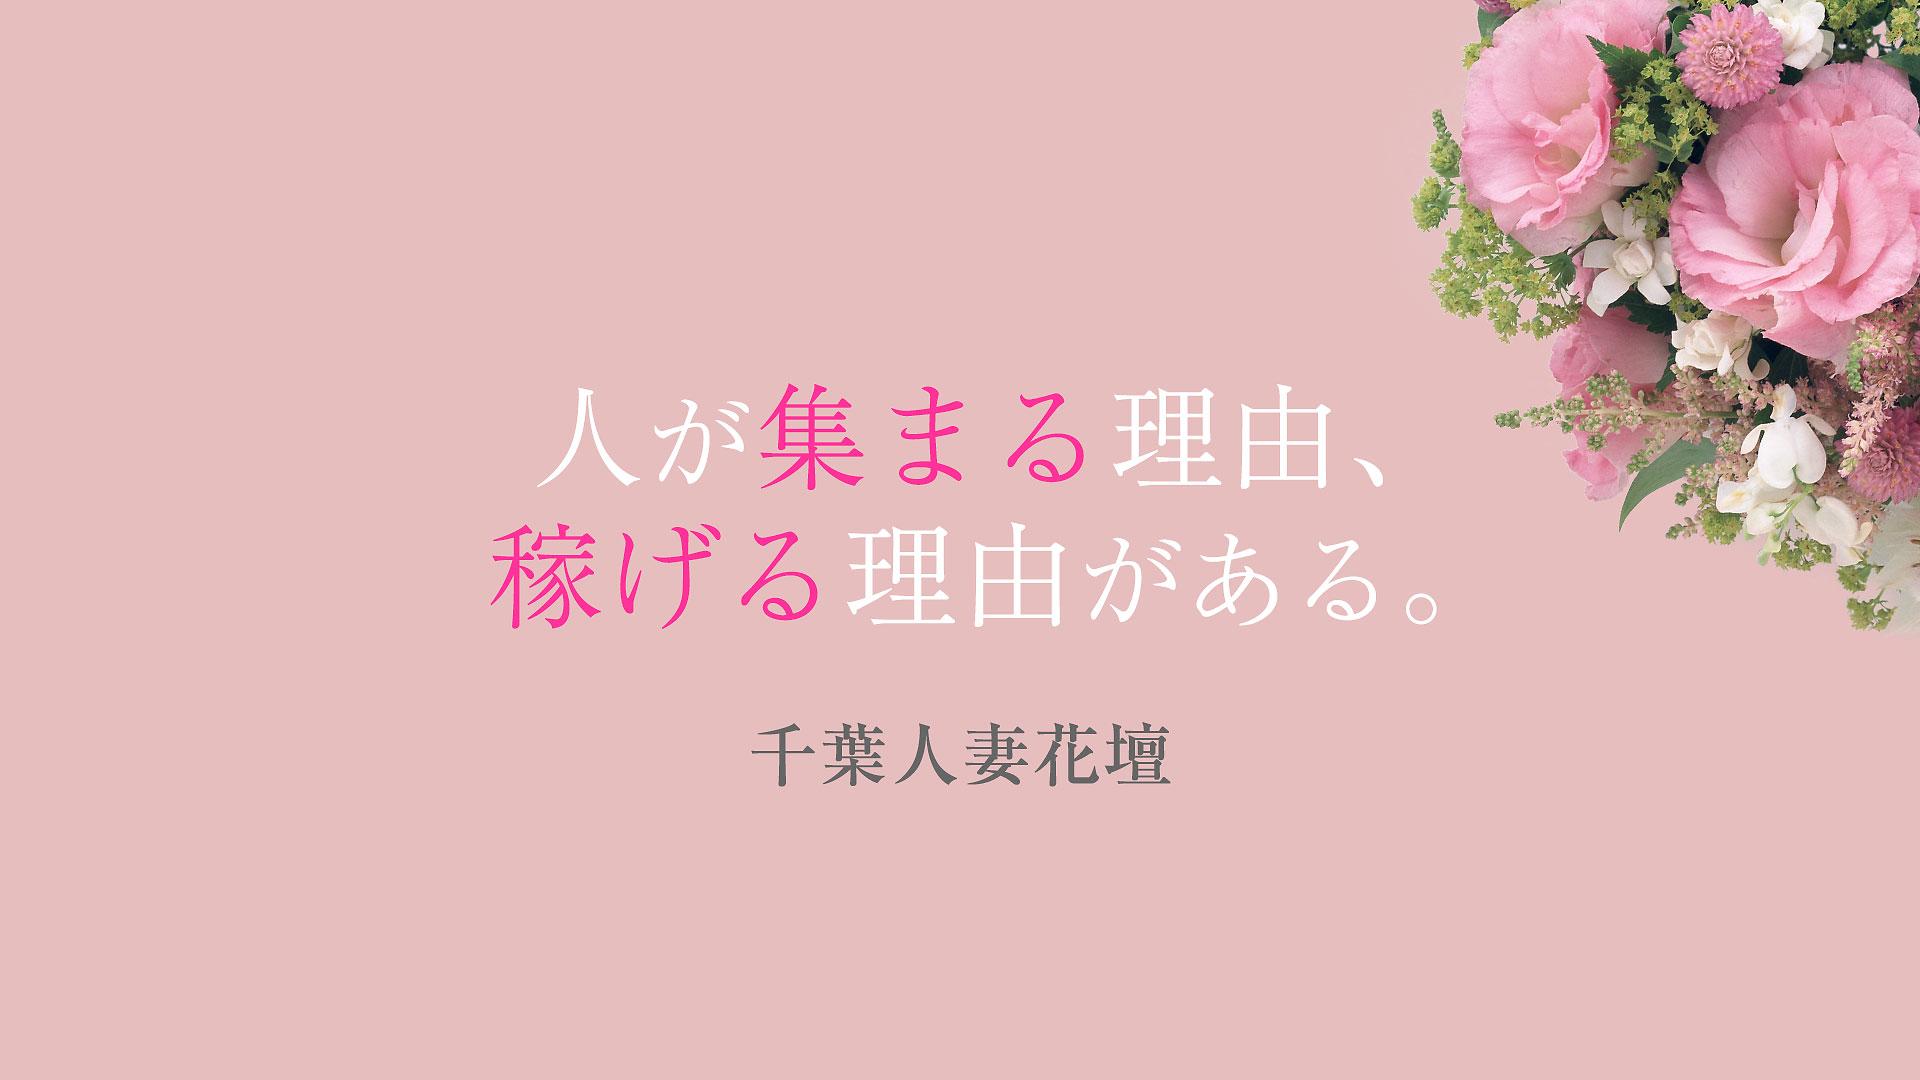 千葉人妻花壇の求人画像